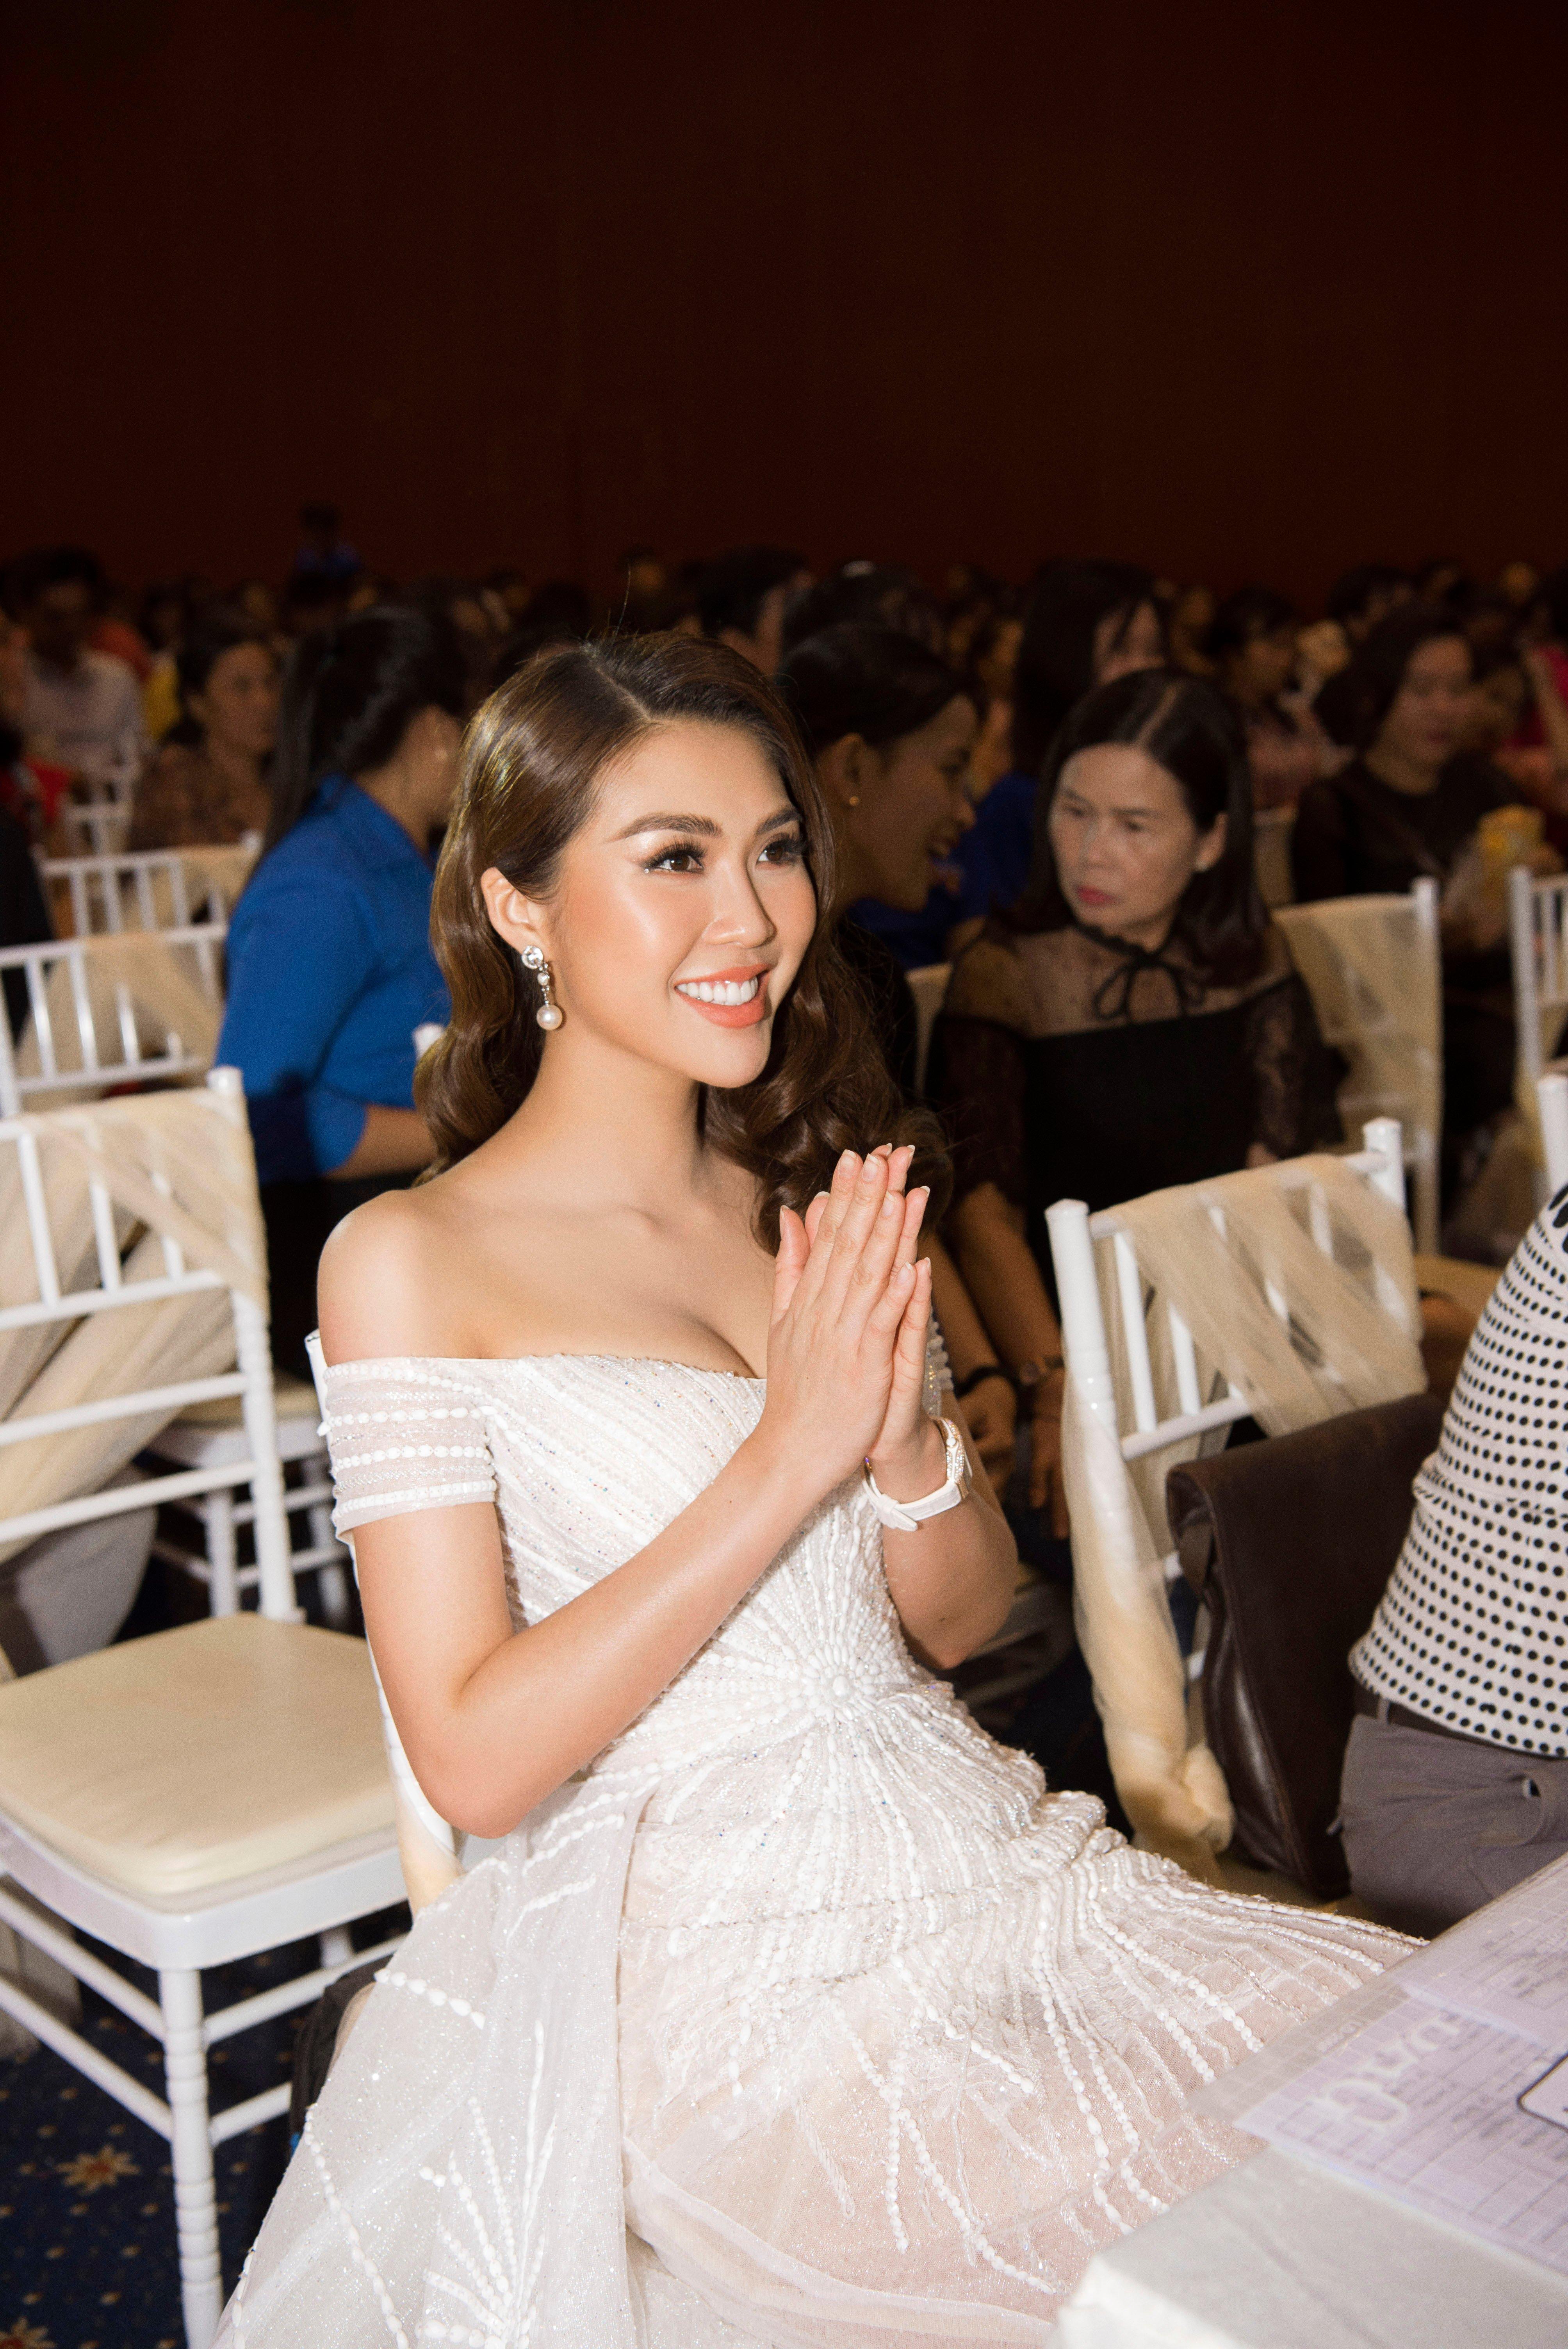 Hoa hậu Tường Linh xinh như công chúa làm giám khảo cuộc sắc đẹp tại quê nhà 4